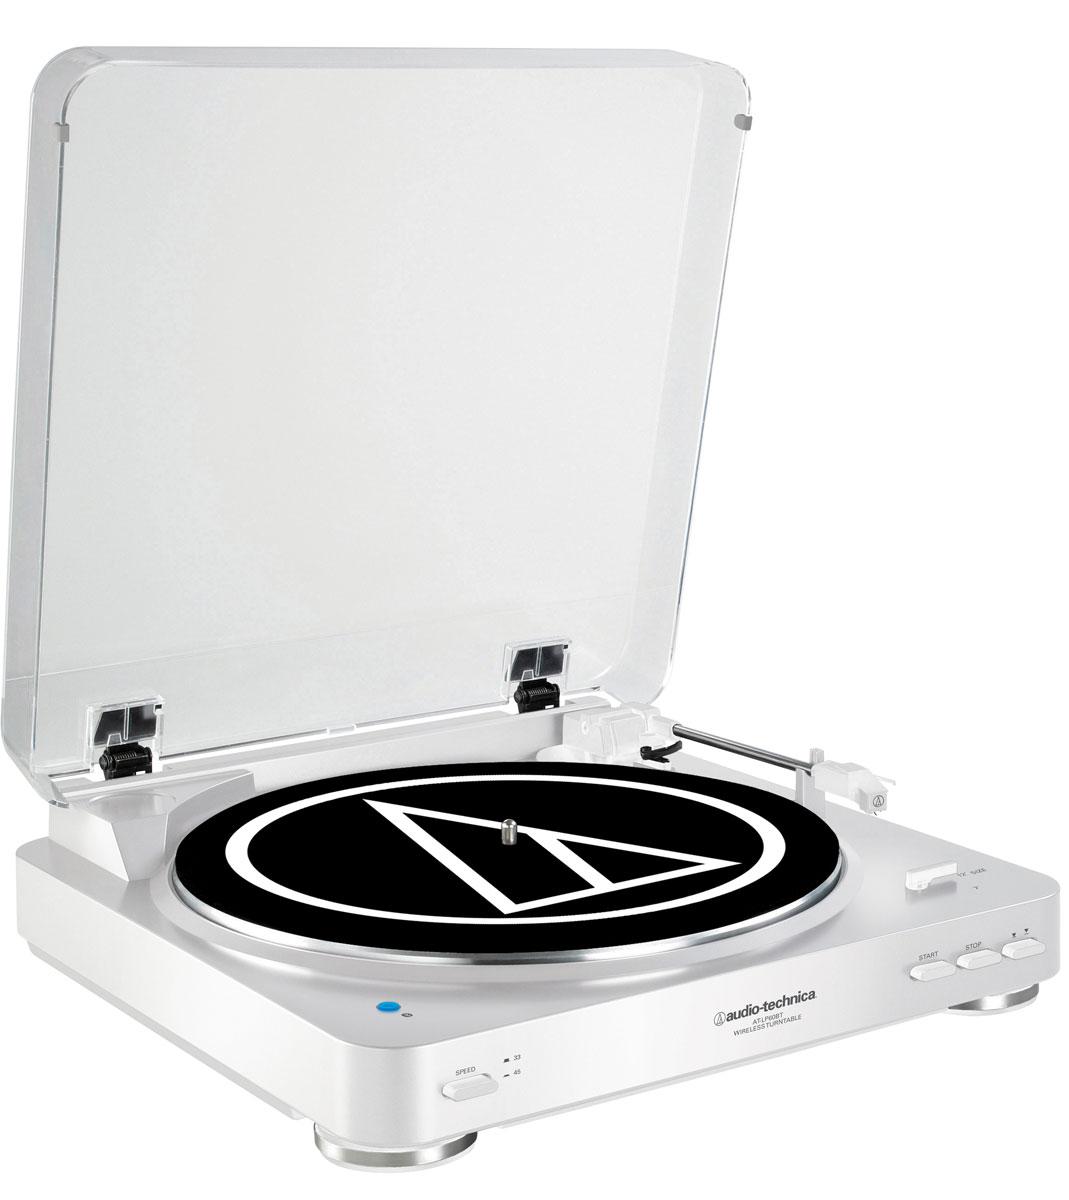 Audio-Technica AT-LP60BT, White проигрыватель виниловых дисков - Hi-Fi компоненты